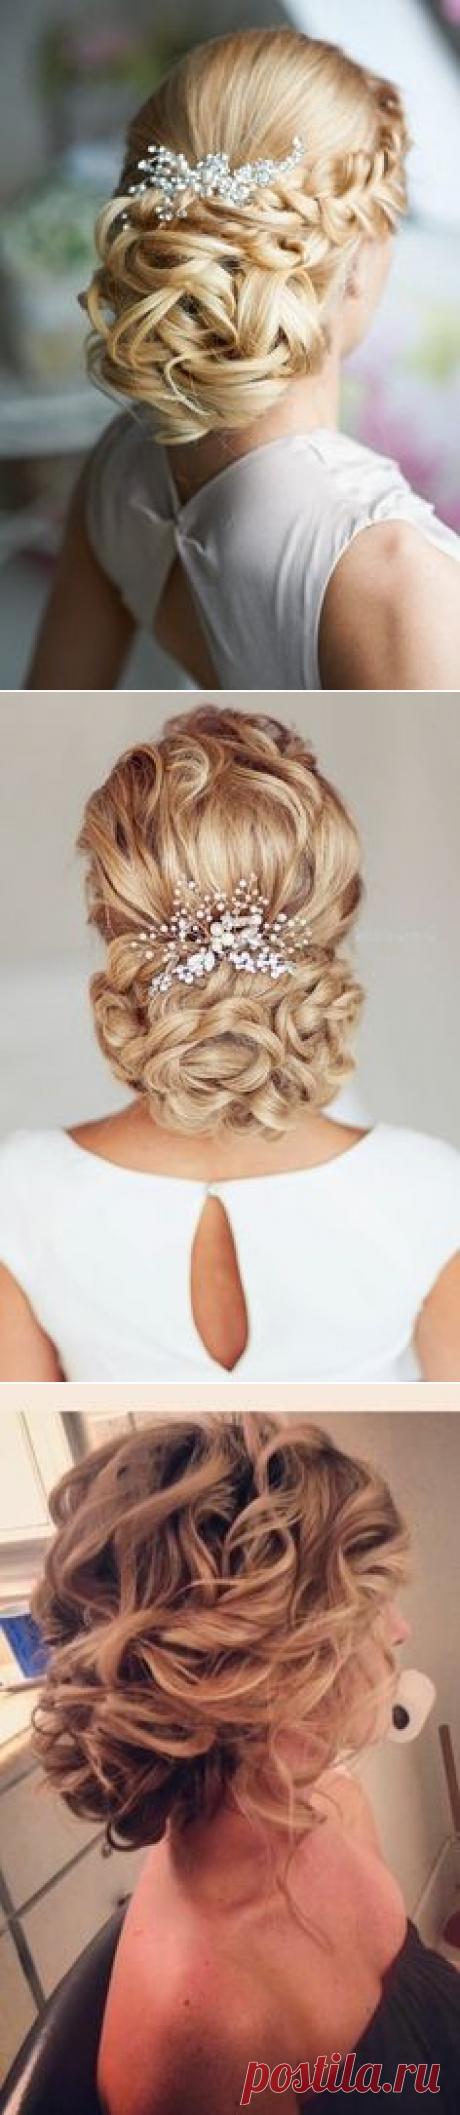 (24) свадебные прически | Свадьбы